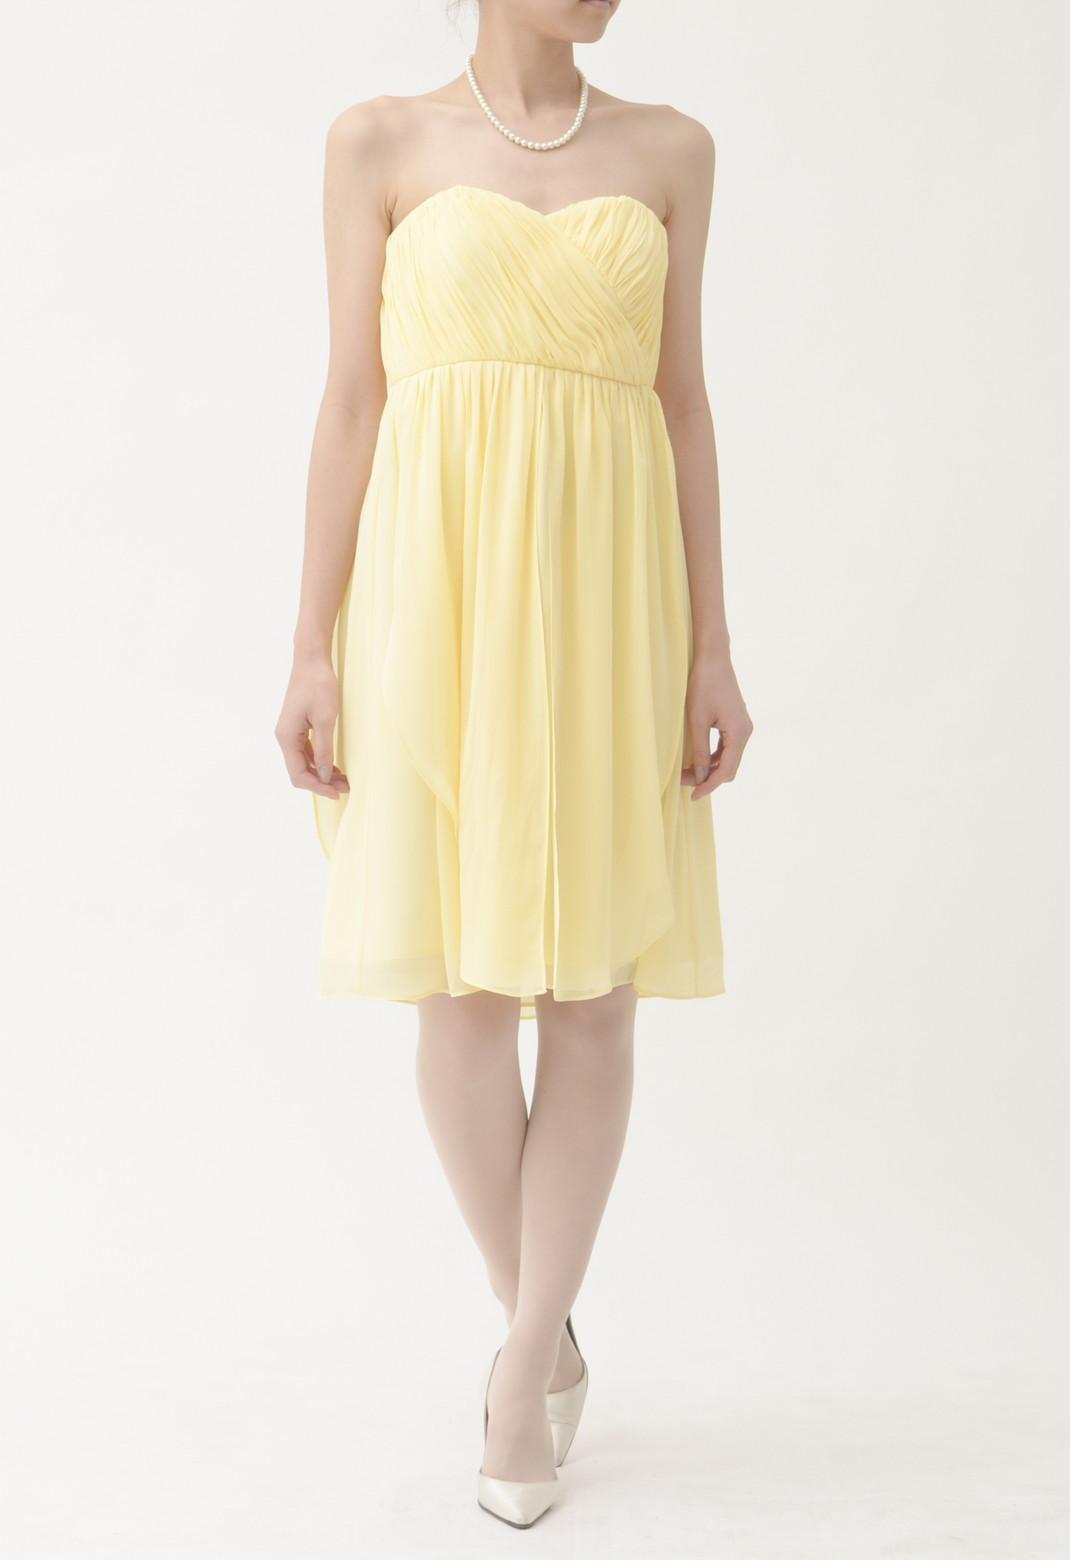 donna morgan 3way ストラップレス ドレス